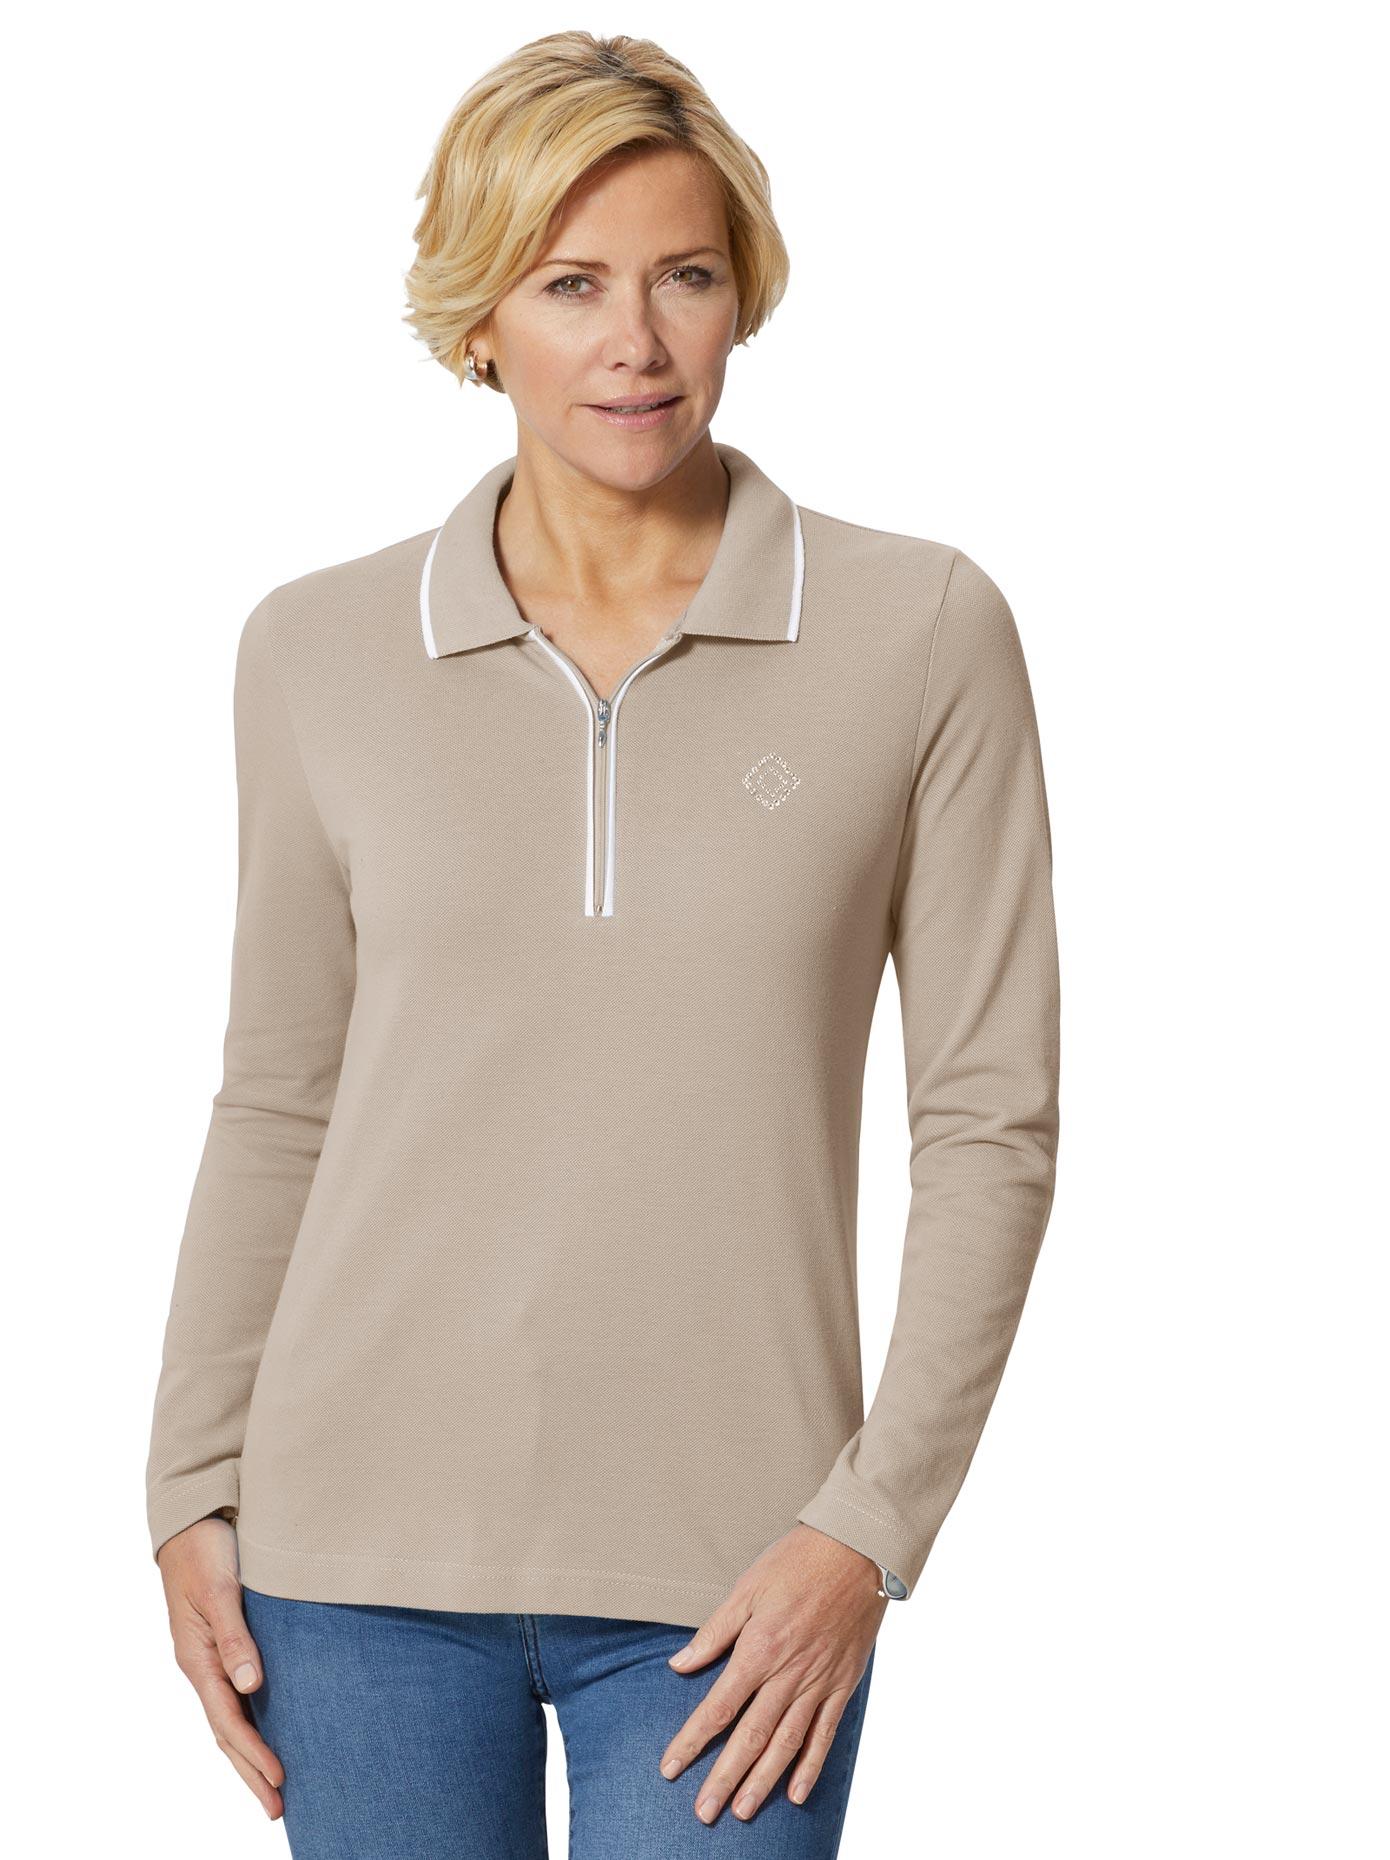 Casual Looks Poloshirt mit Ziersteinchen | Bekleidung > Shirts > Poloshirts | Grau | Casual Looks